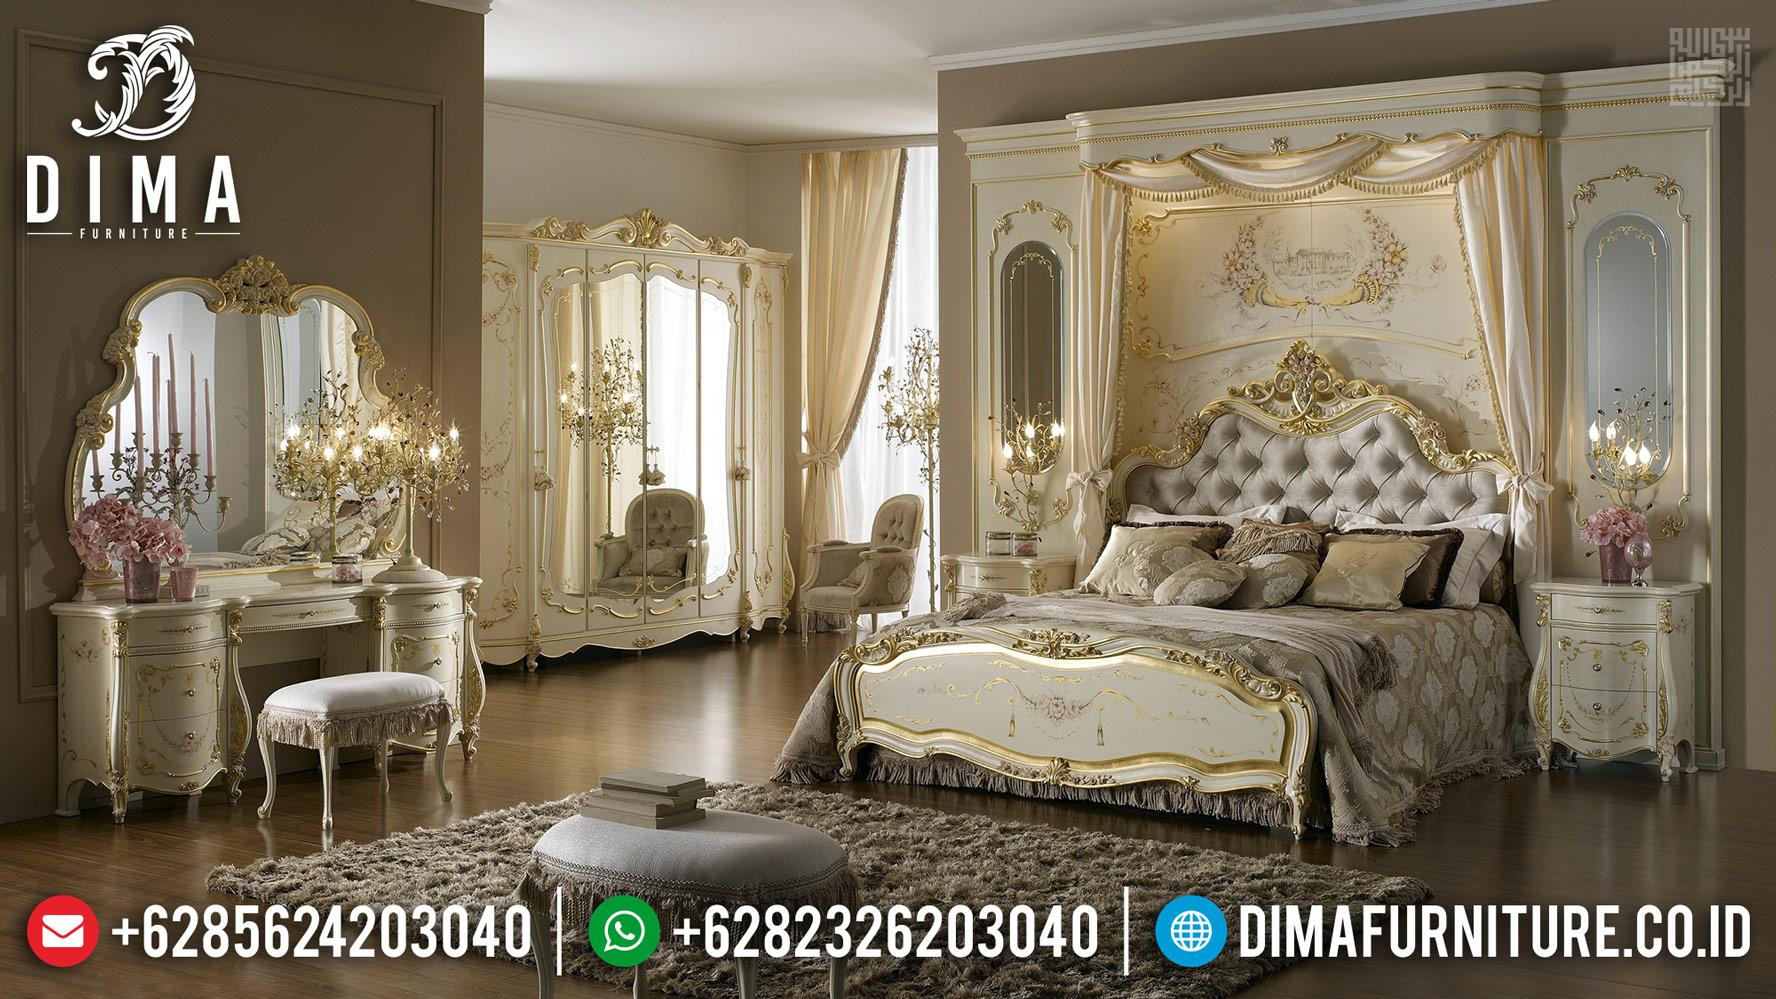 Jual Tempat Tidur Mewah Mediterania Furniture Jepara Luxury MMJ-0423